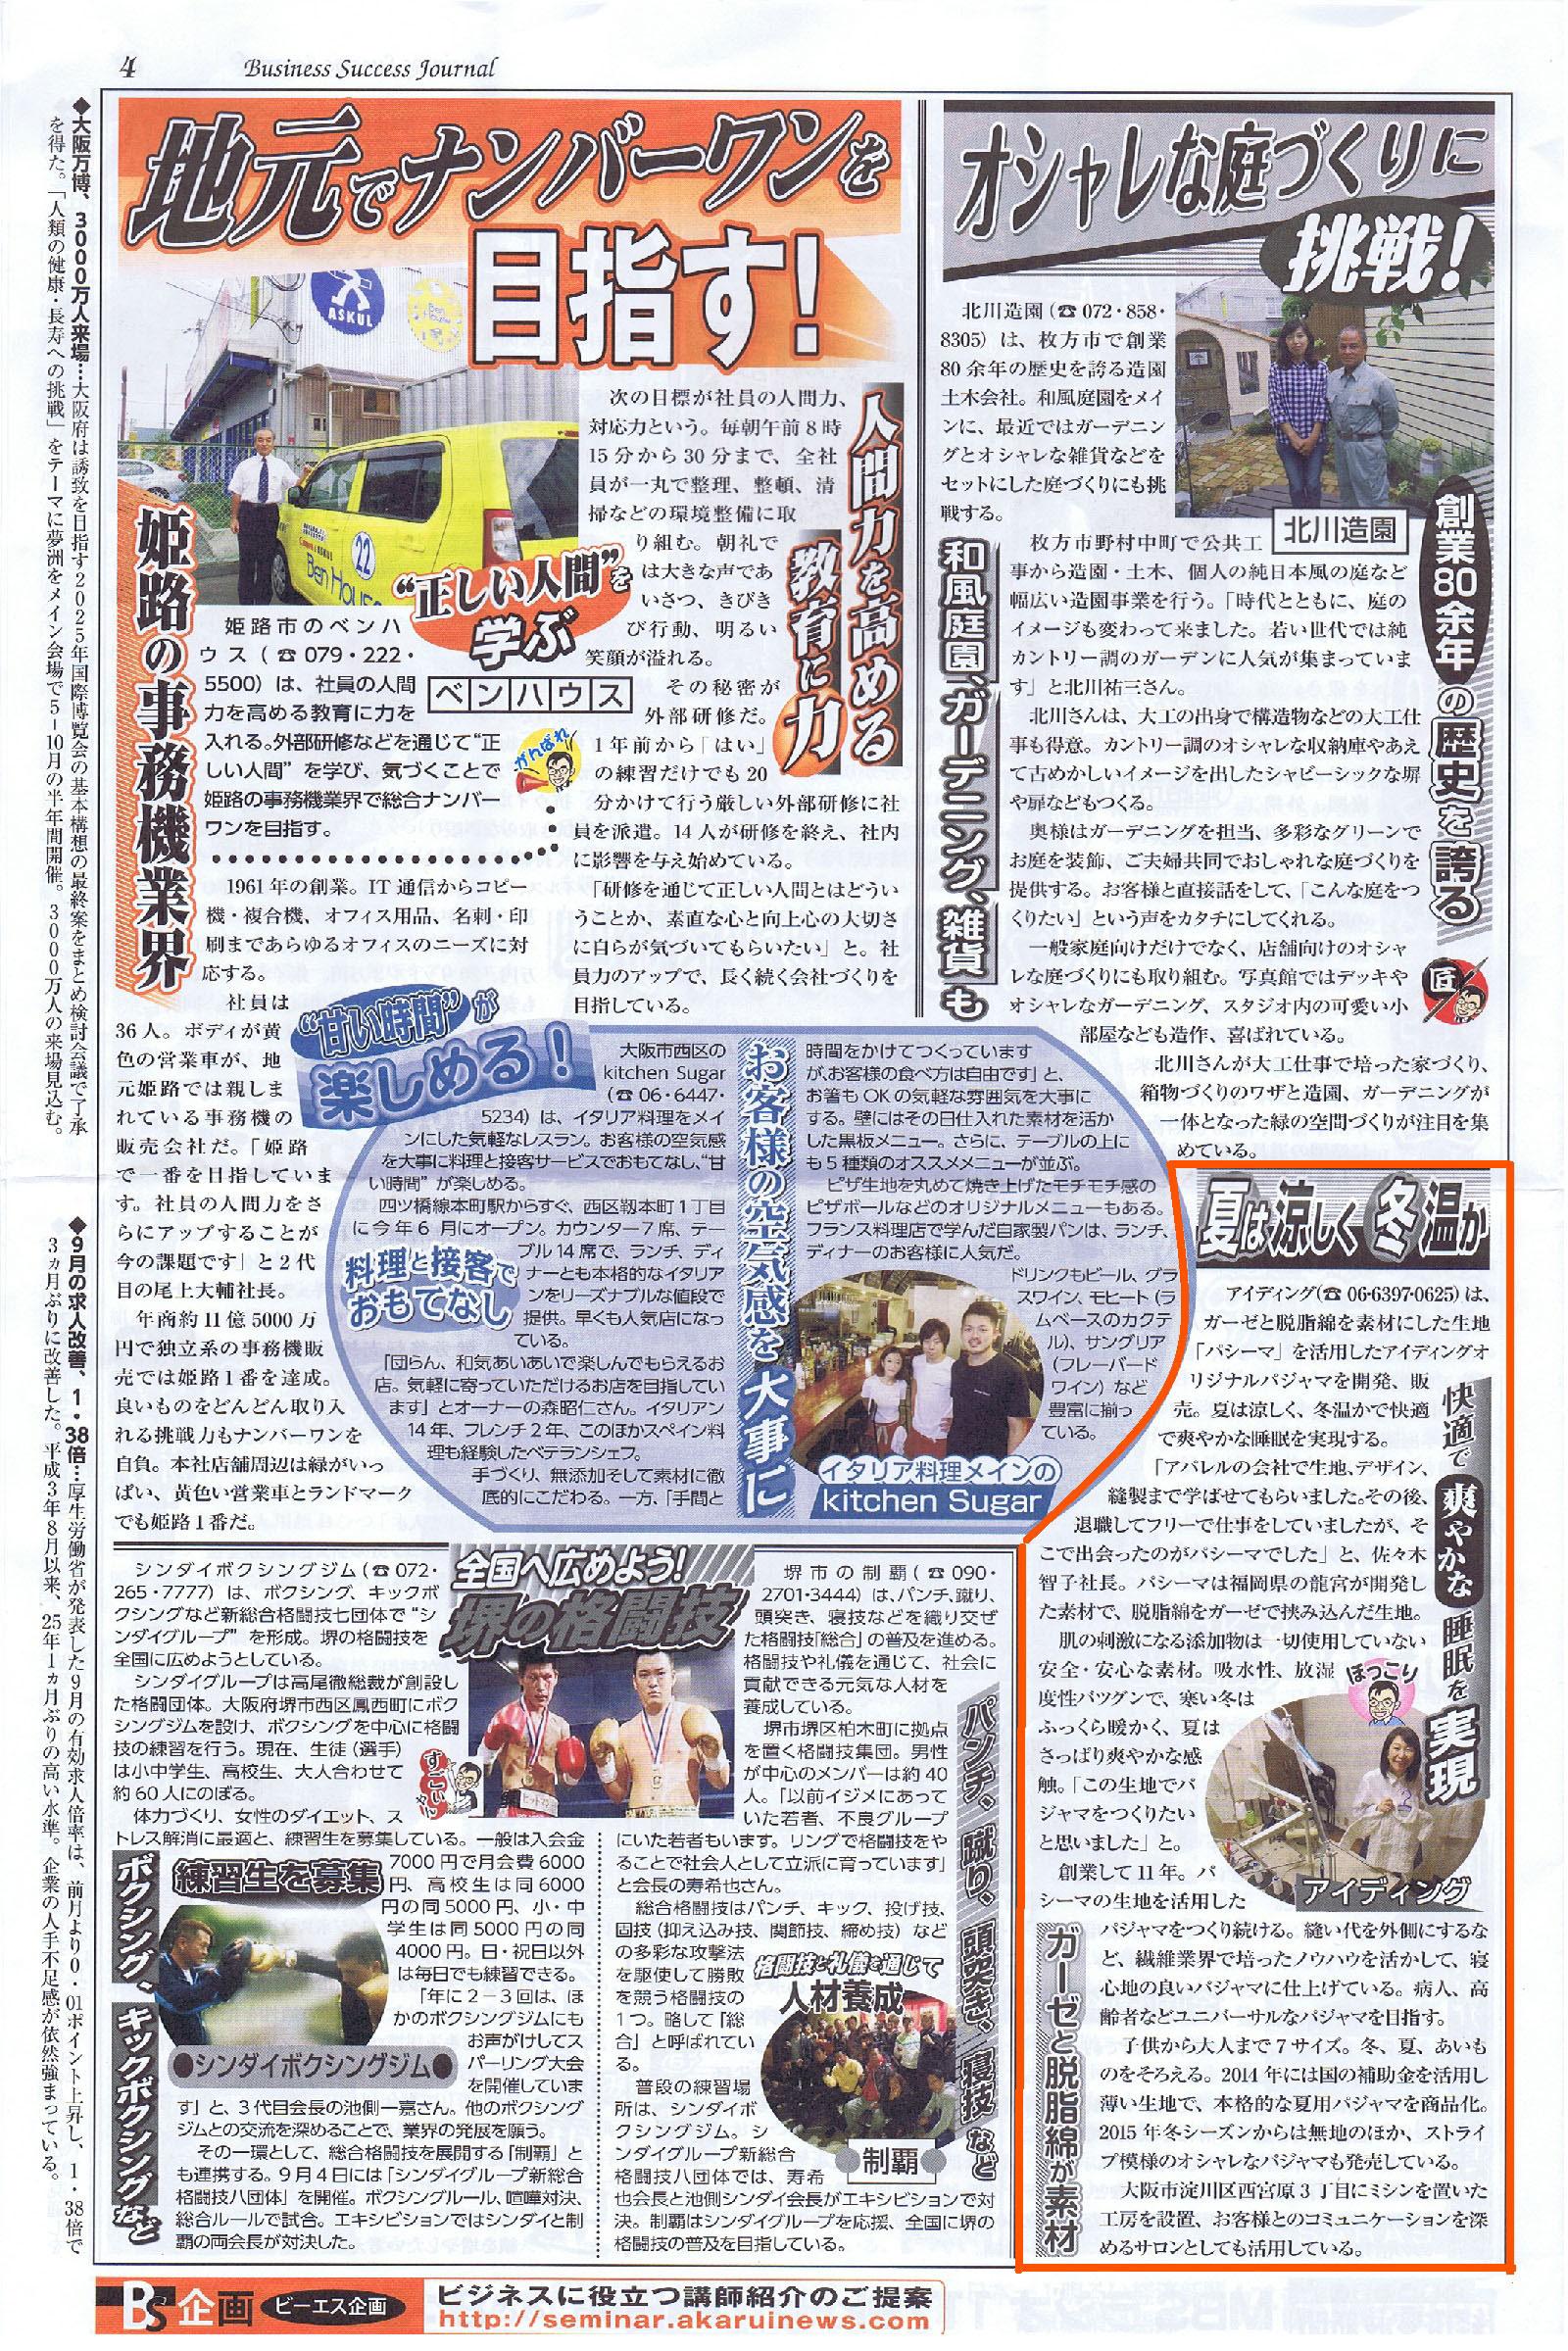 明るい経済新聞掲載_中面